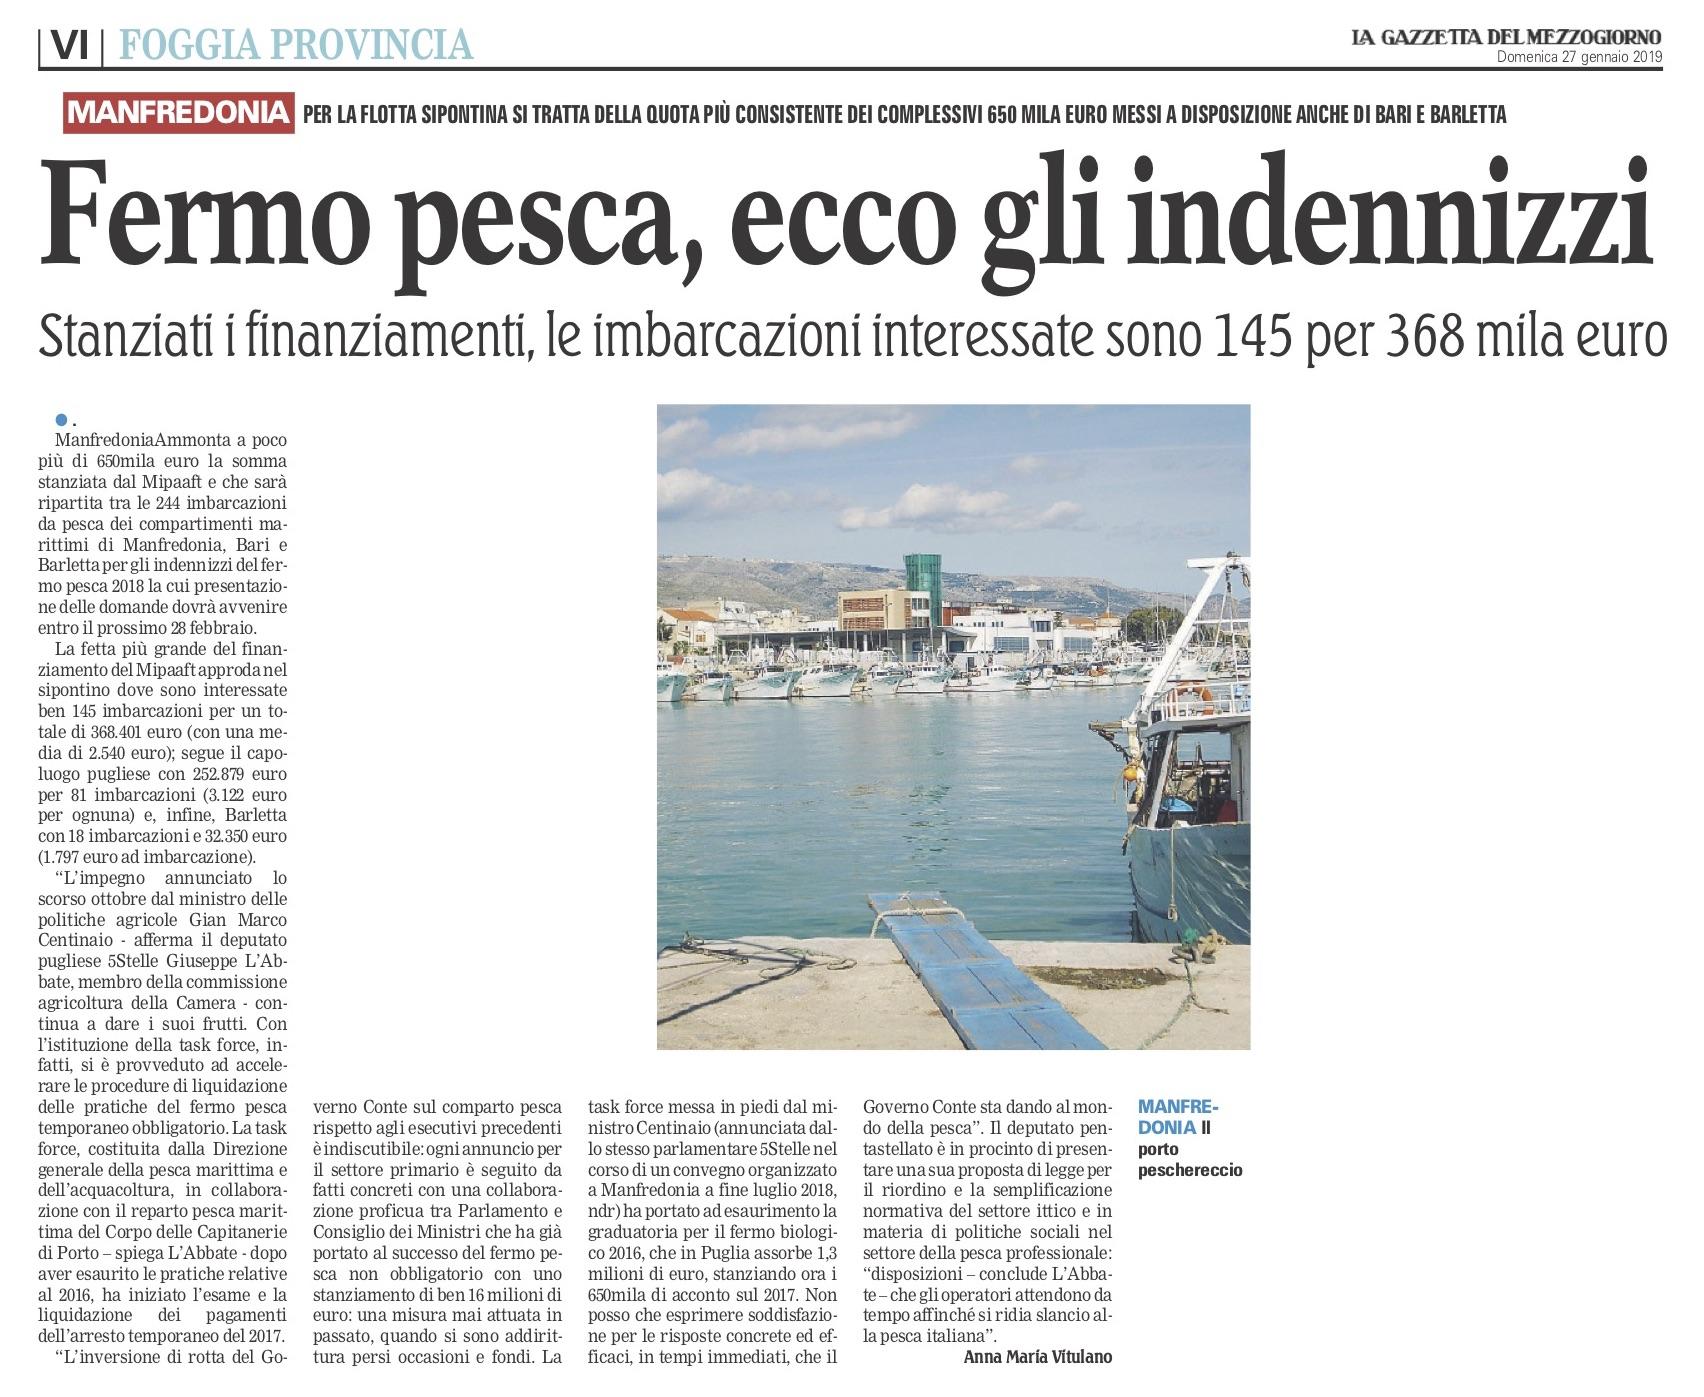 La Gazzetta del Mezzogiorno - Capitanata - 27.01.2019